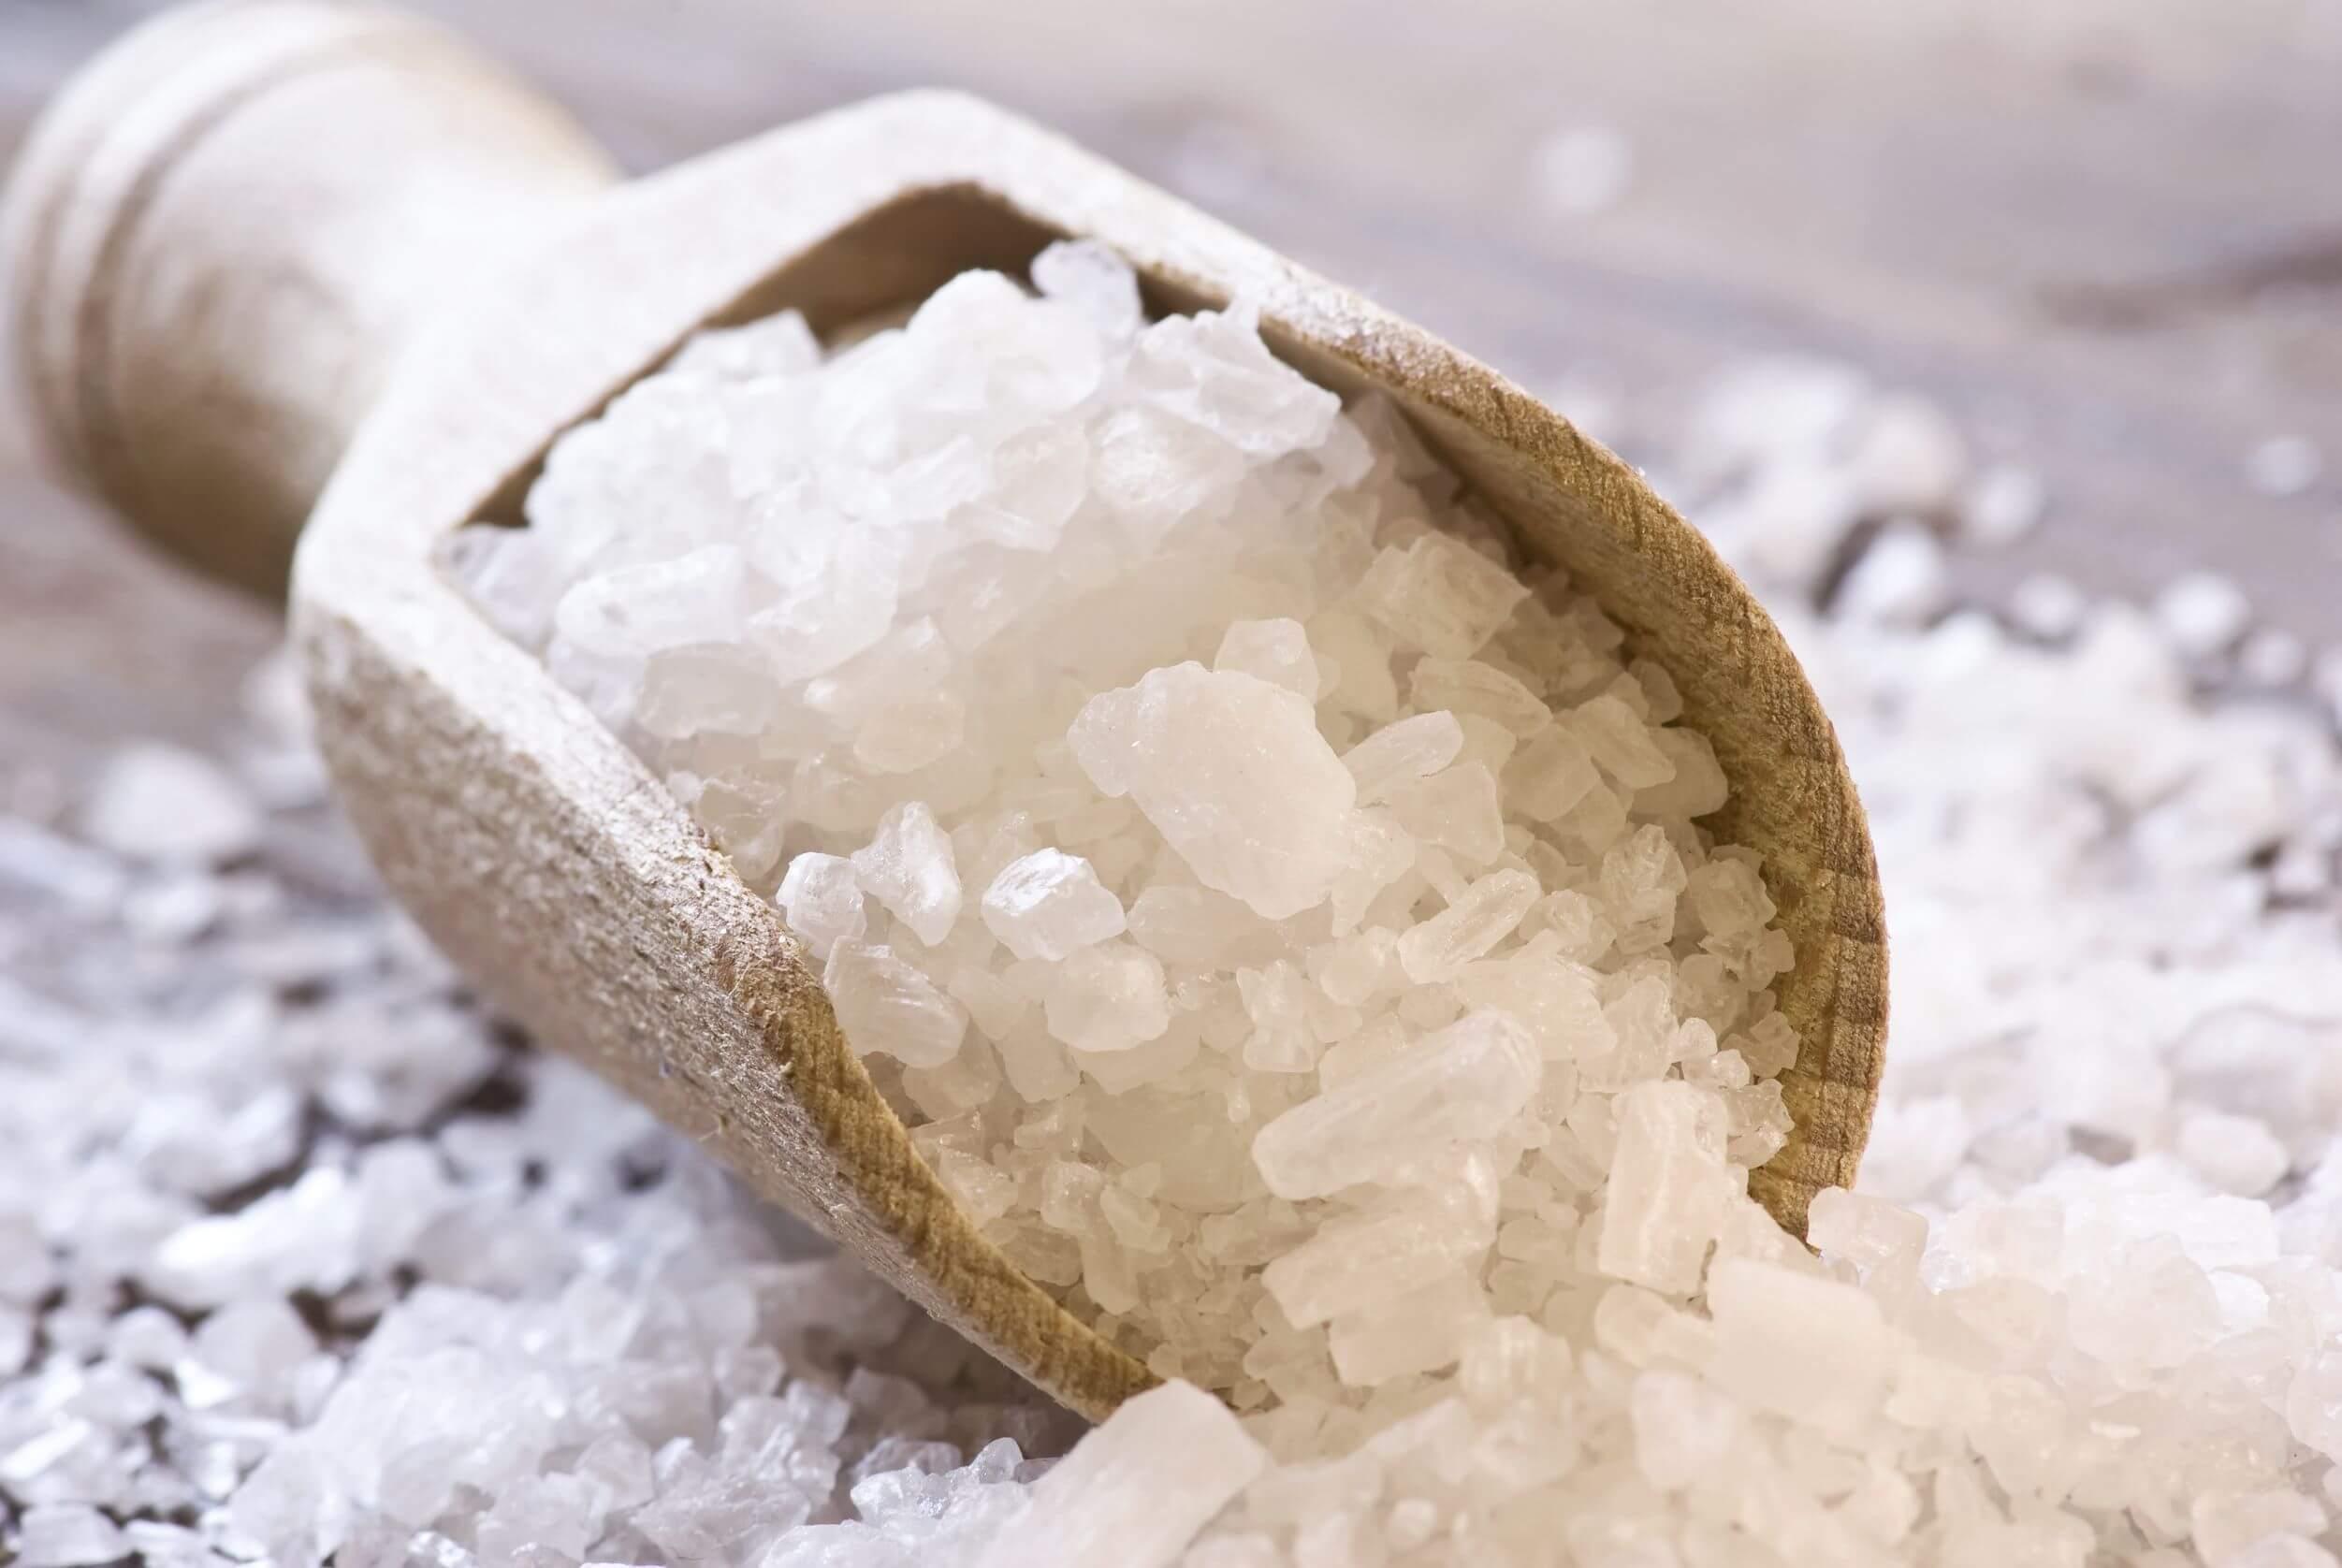 Как разводить морскую соль для полоскания носа: особенности процедуры и методика ее проведения